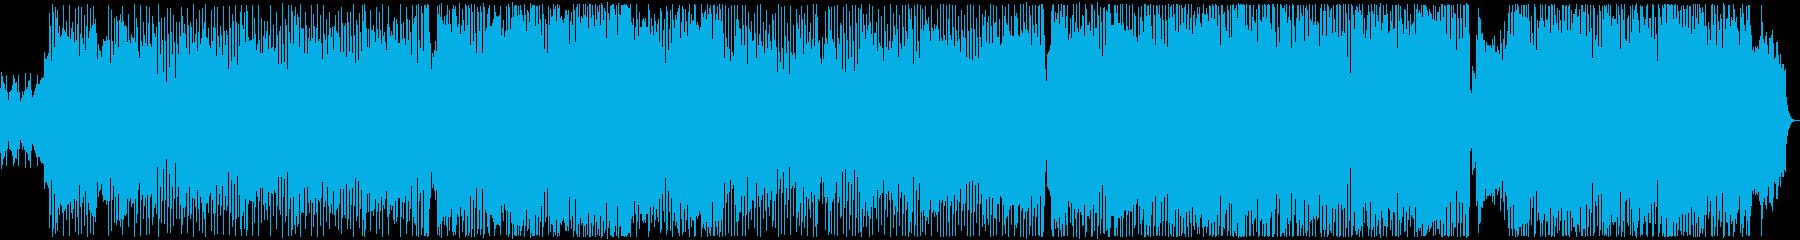 軽快で快活、明るく元気のあるテクノポップの再生済みの波形